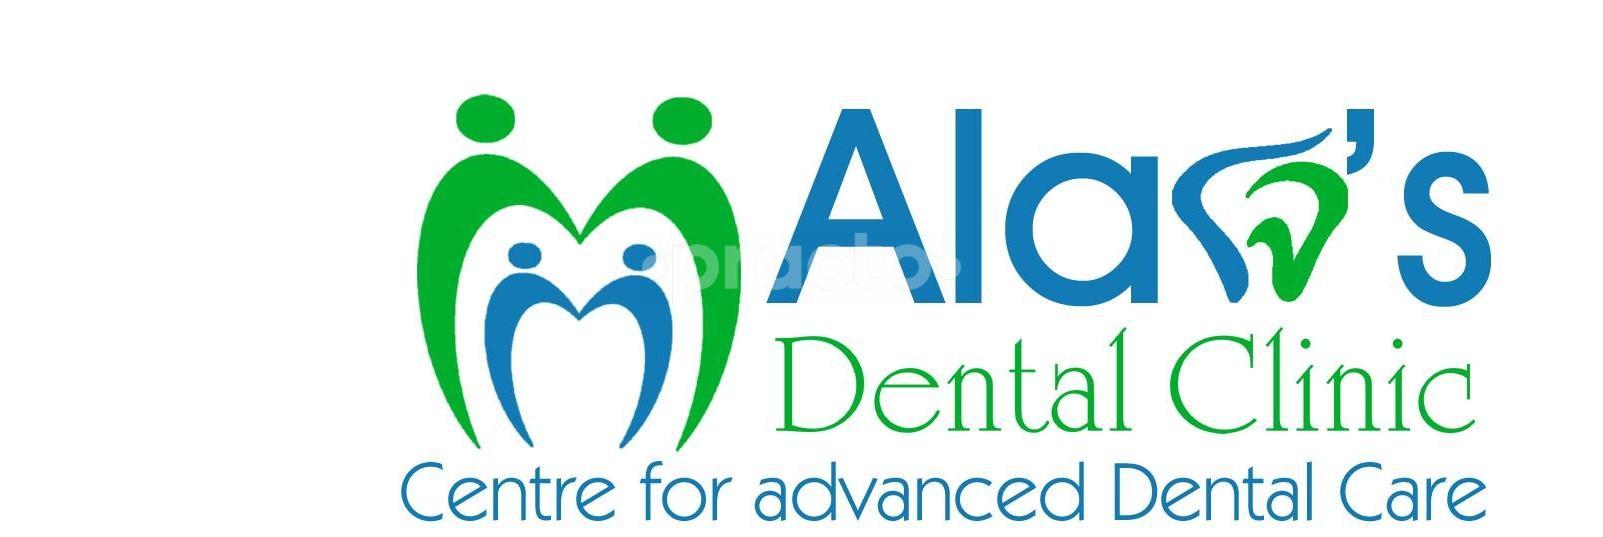 Alans Dental Clinic